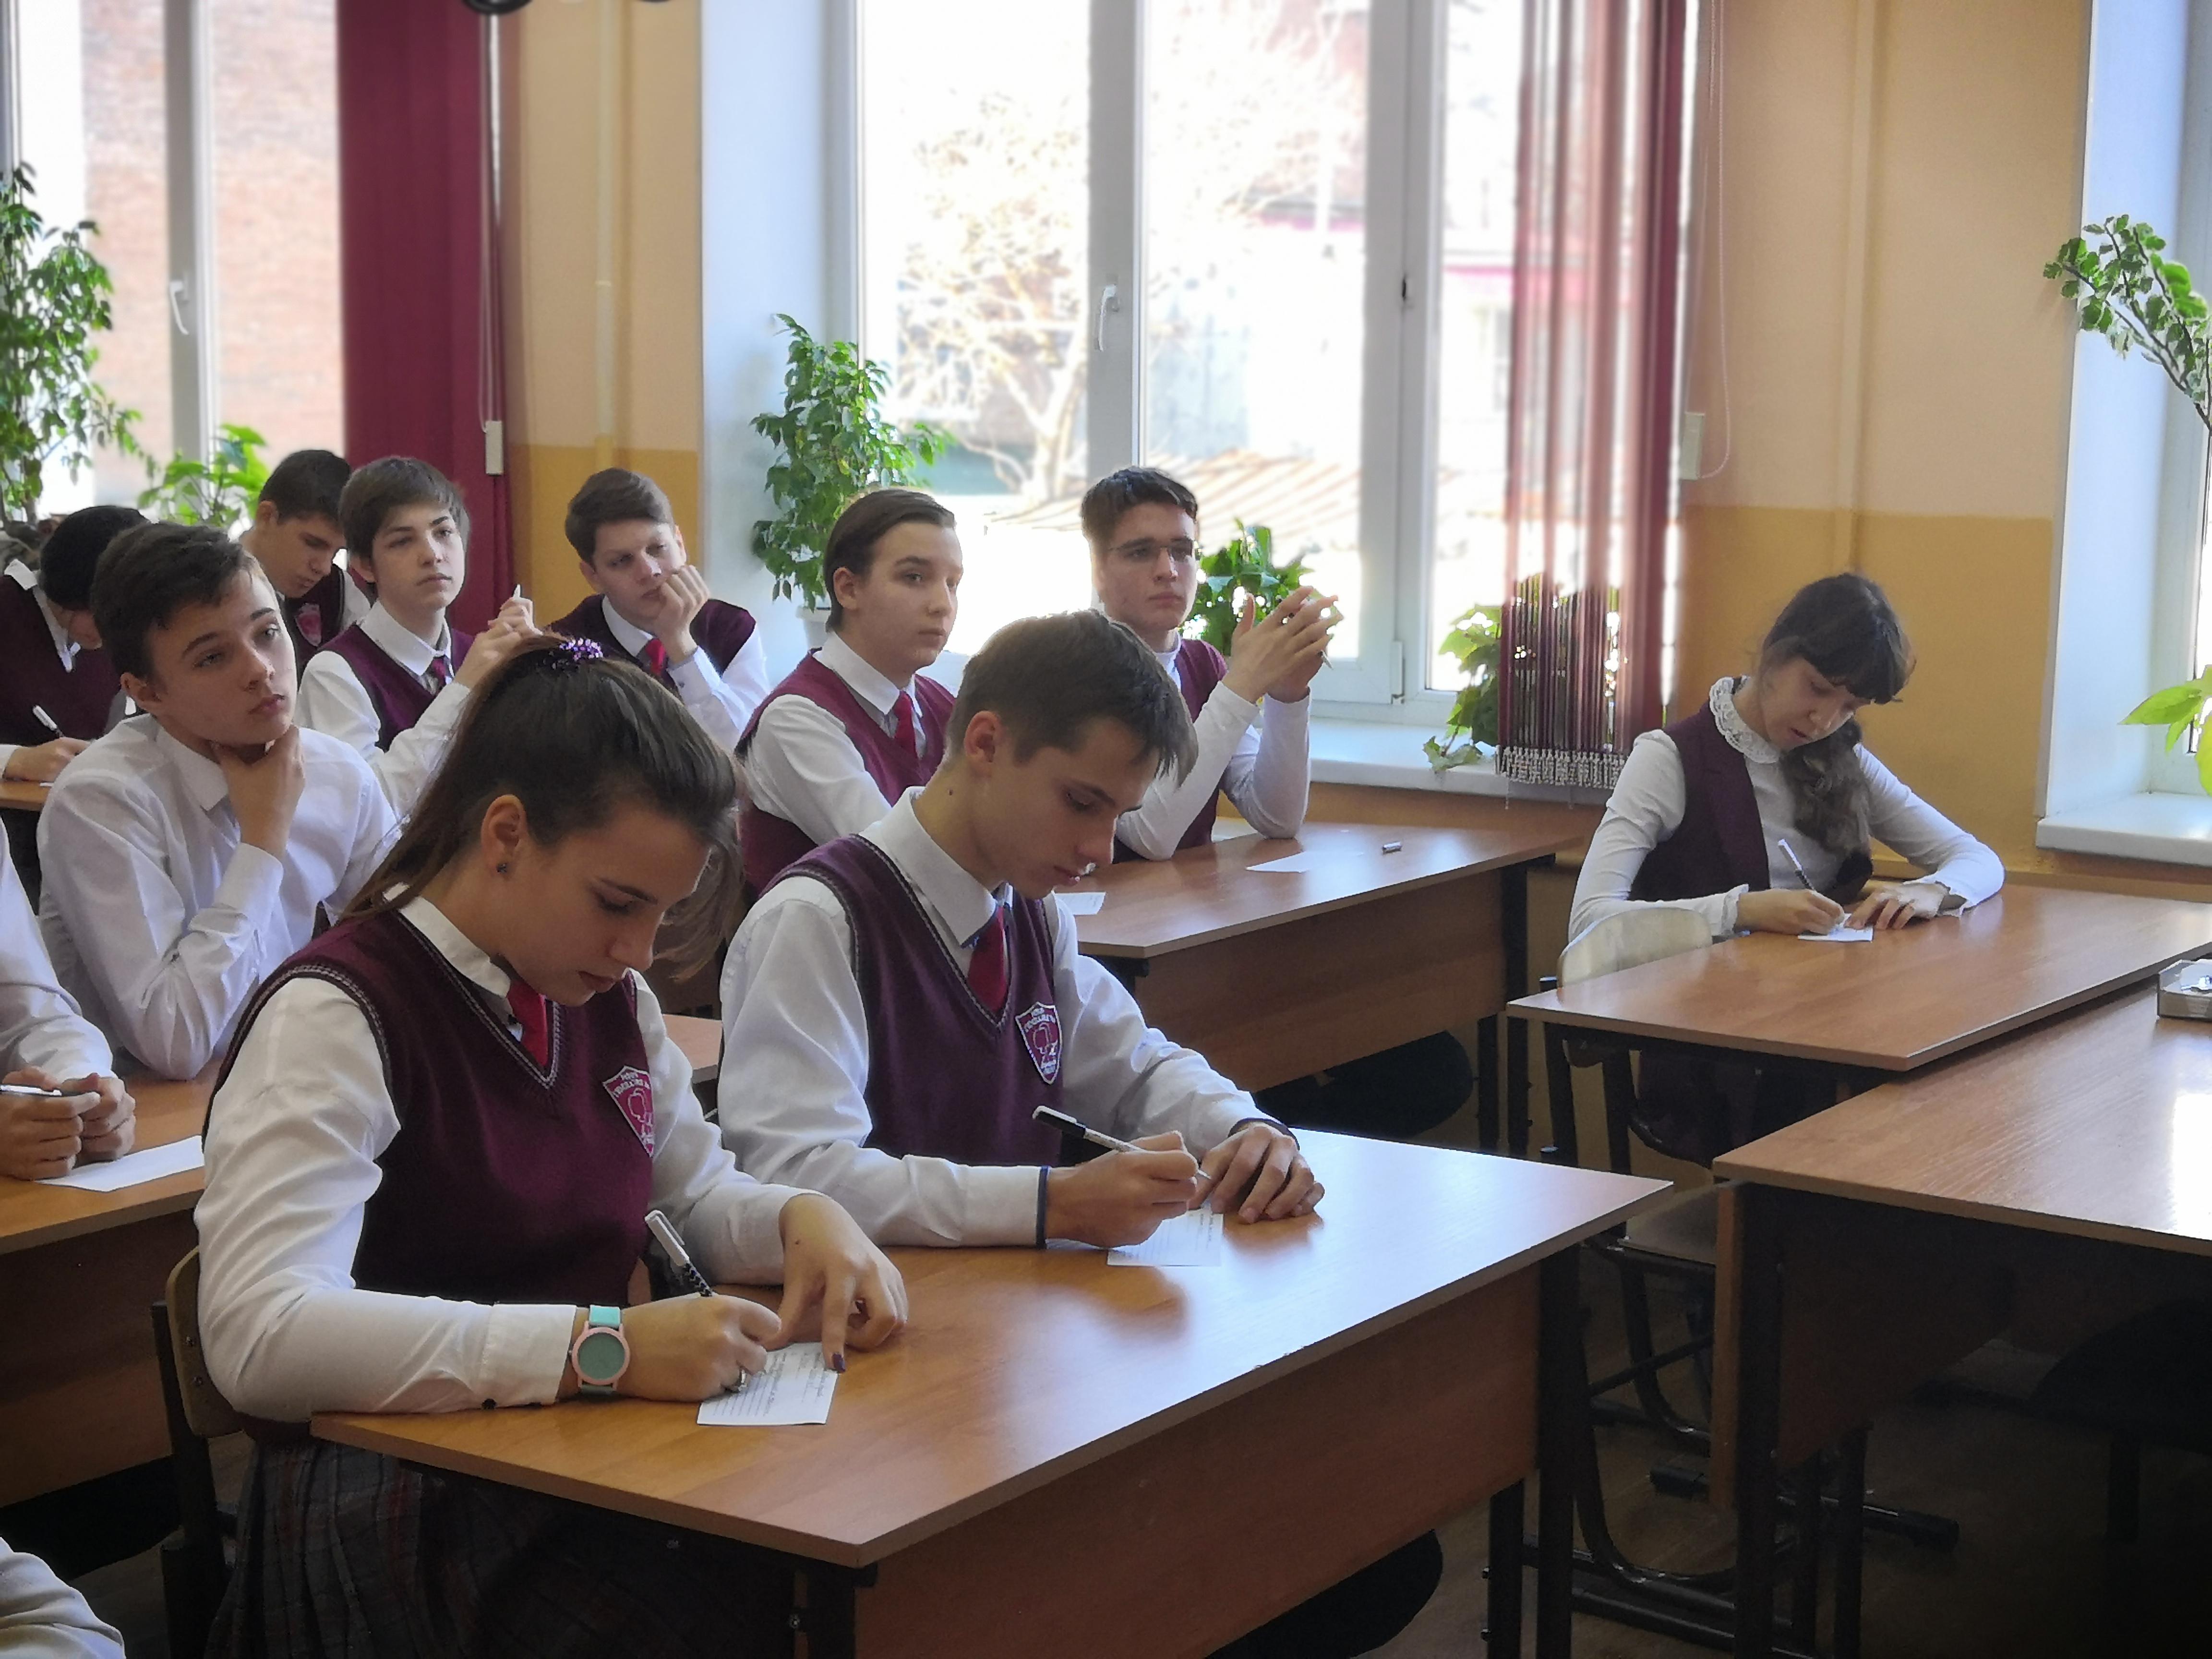 О благоустройстве города – со школьниками